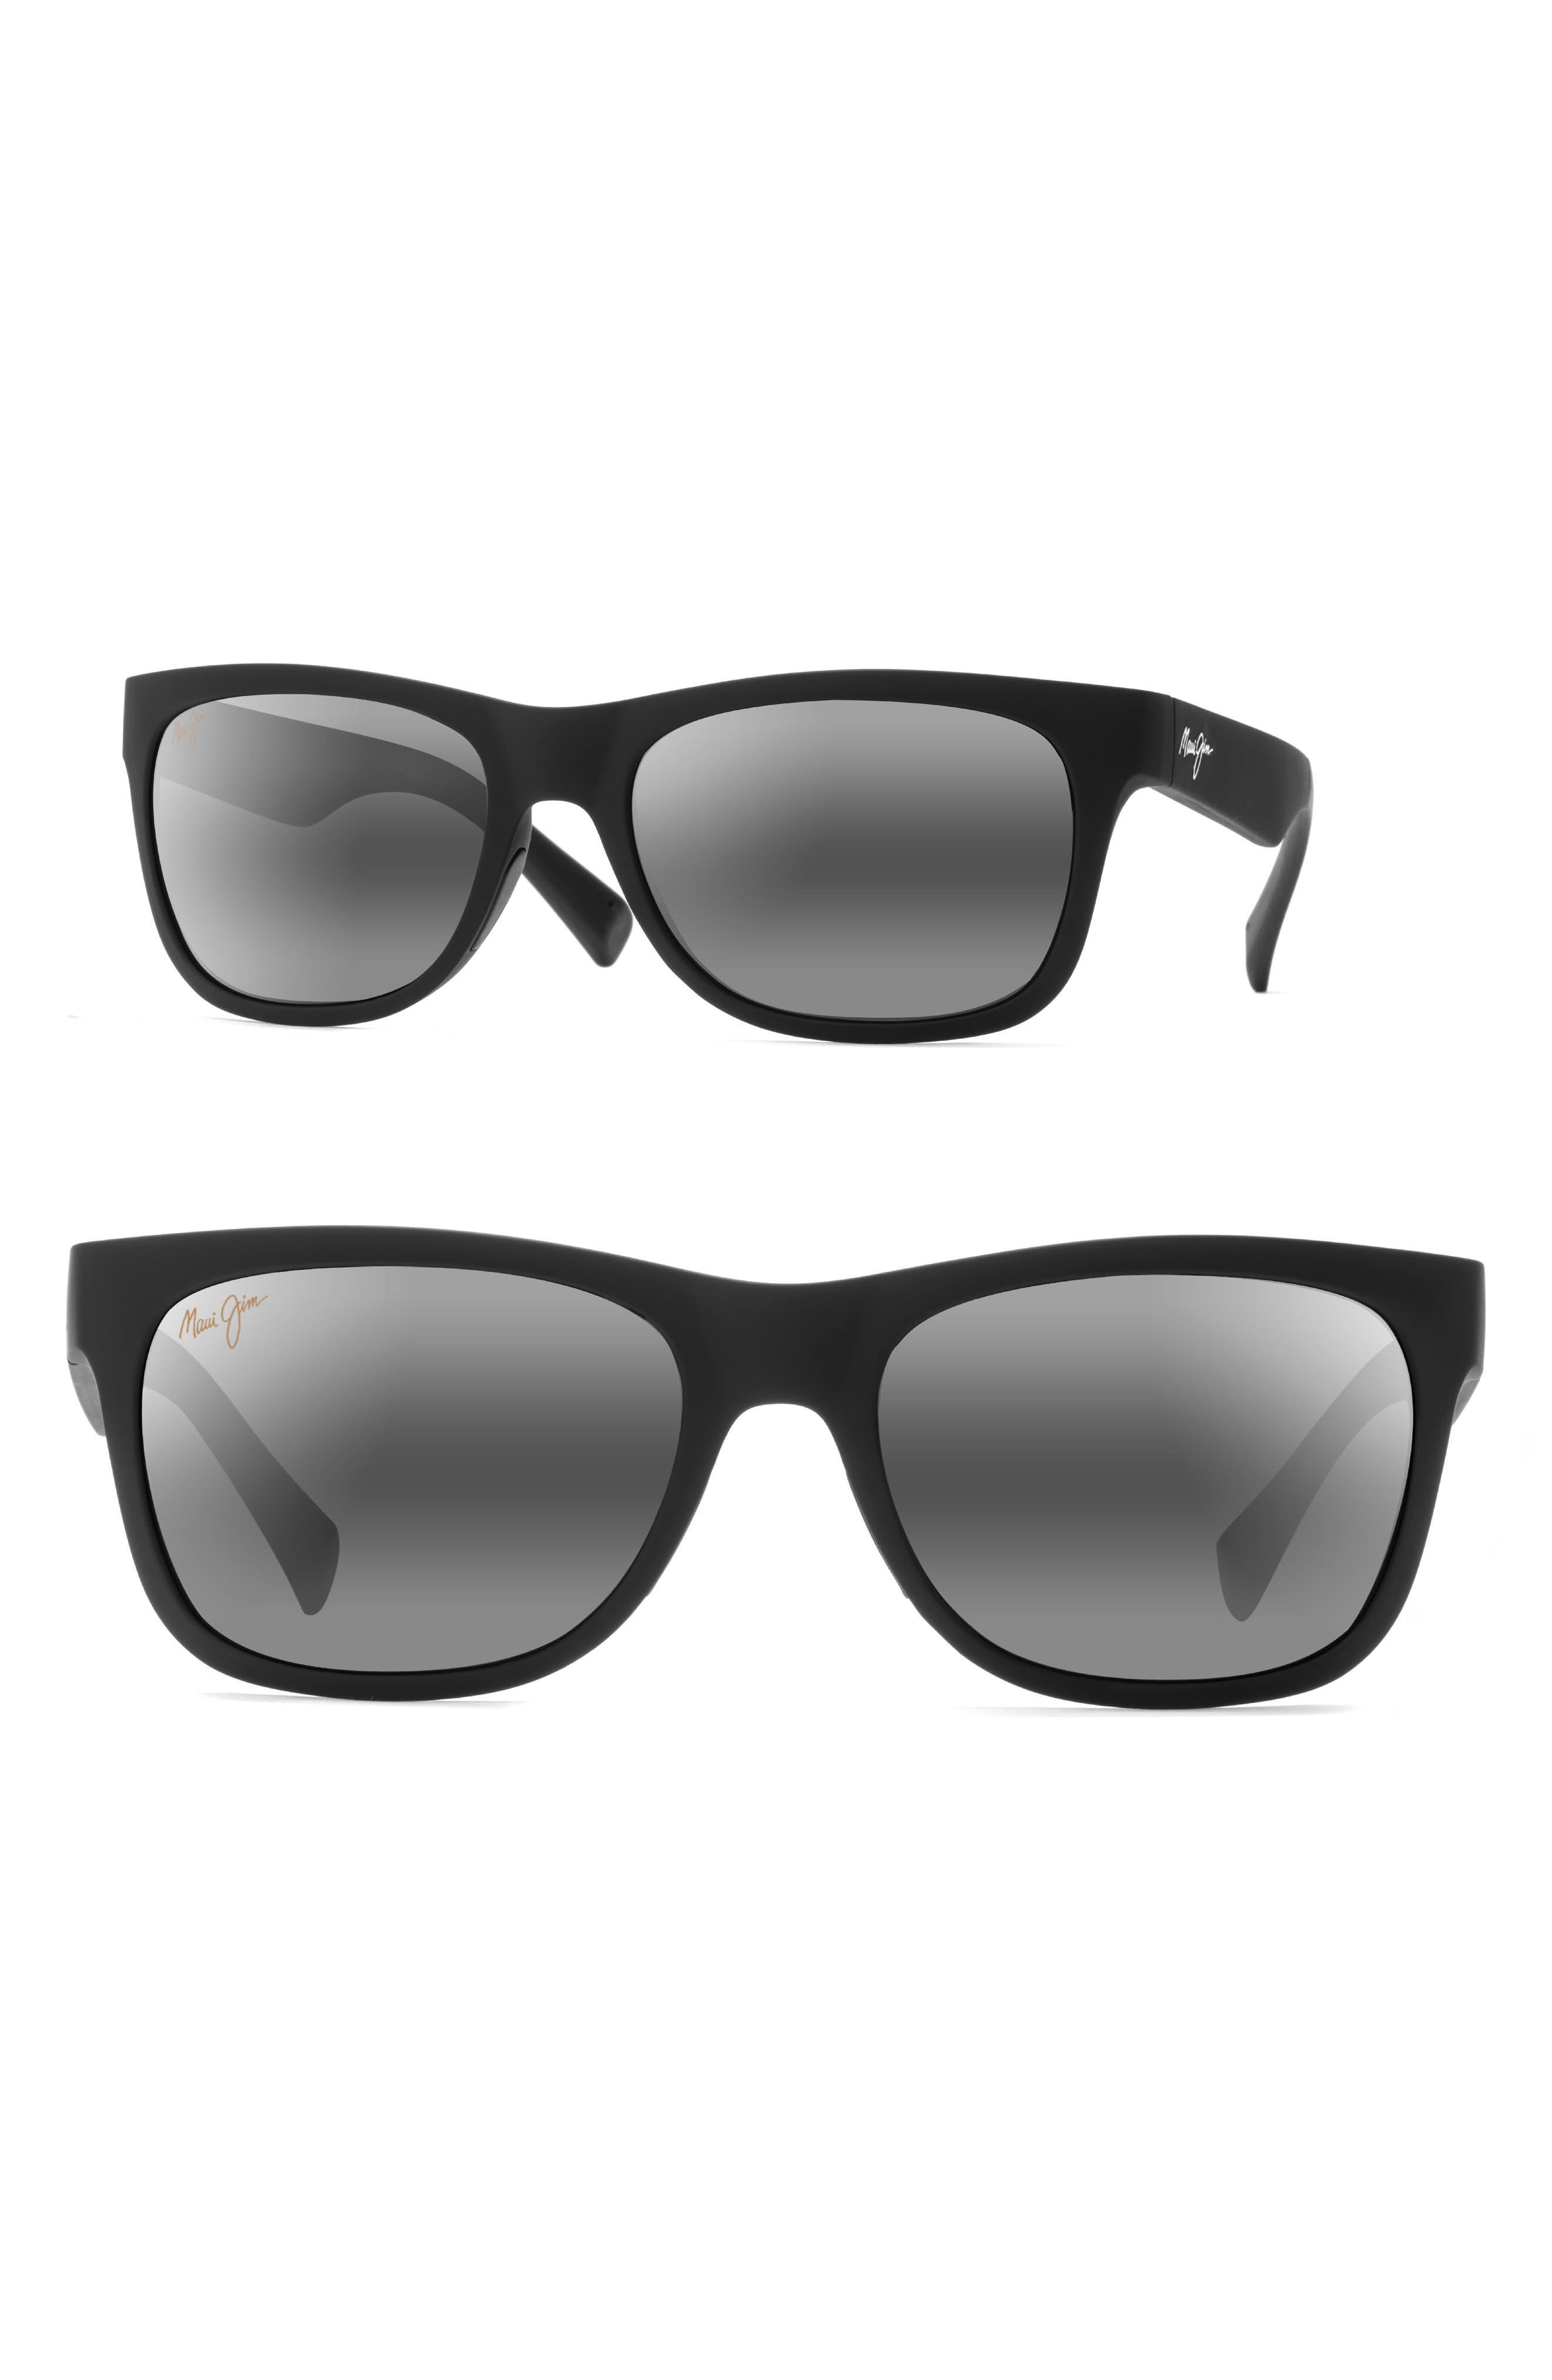 Kahi 58mm PolarizedPlus2<sup>®</sup> Sunglasses,                         Main,                         color, Matte Black/ Neutral Grey